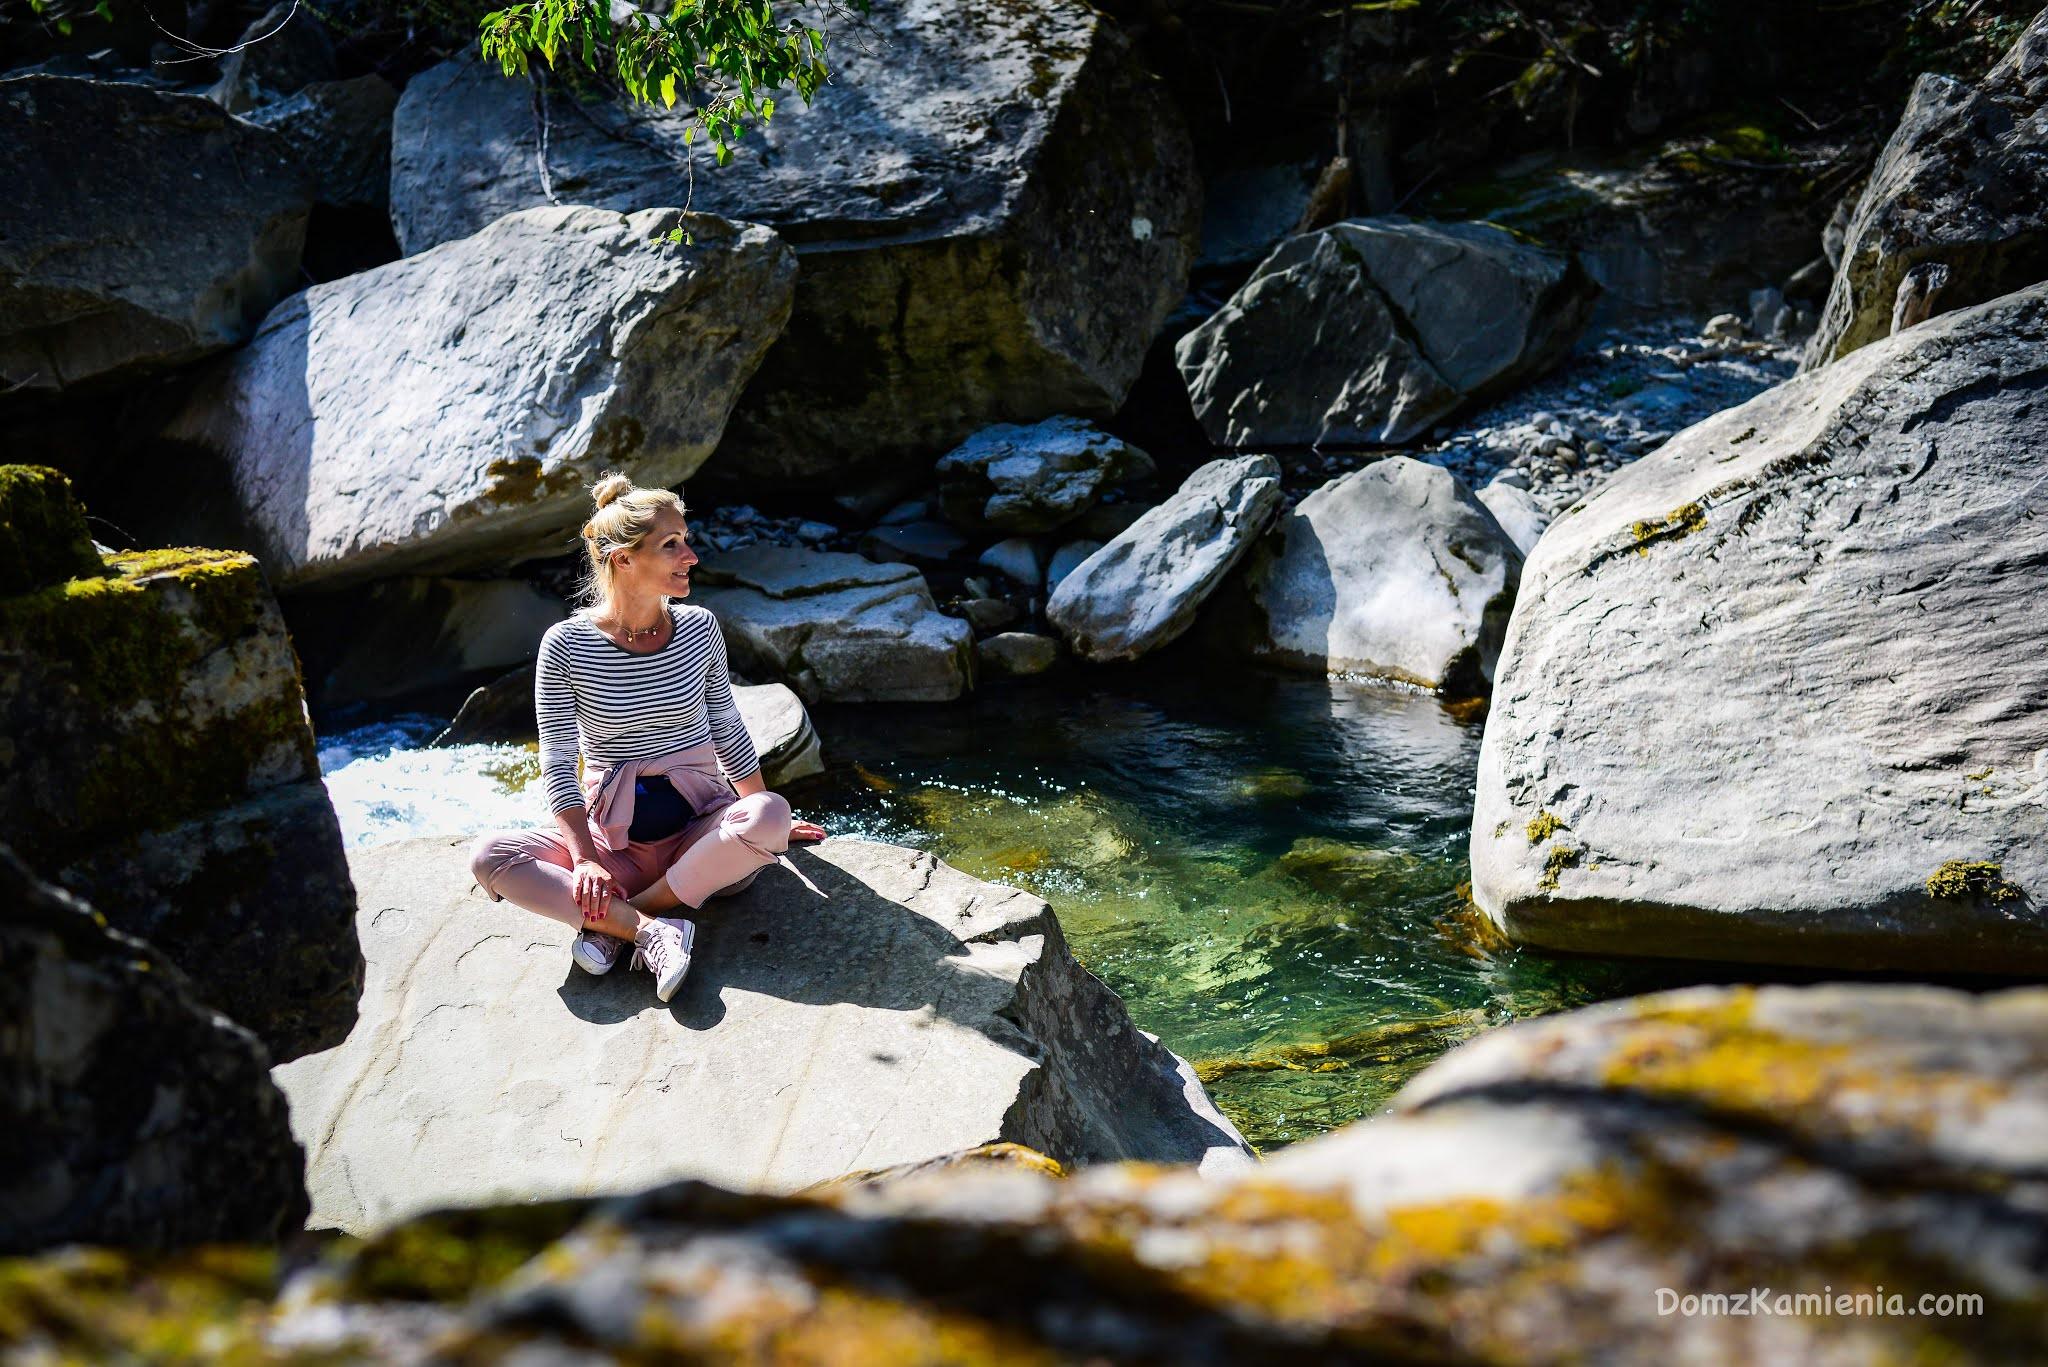 Kasia z Domu z Kamienia, blog o życiu we Włoszech, Biforco